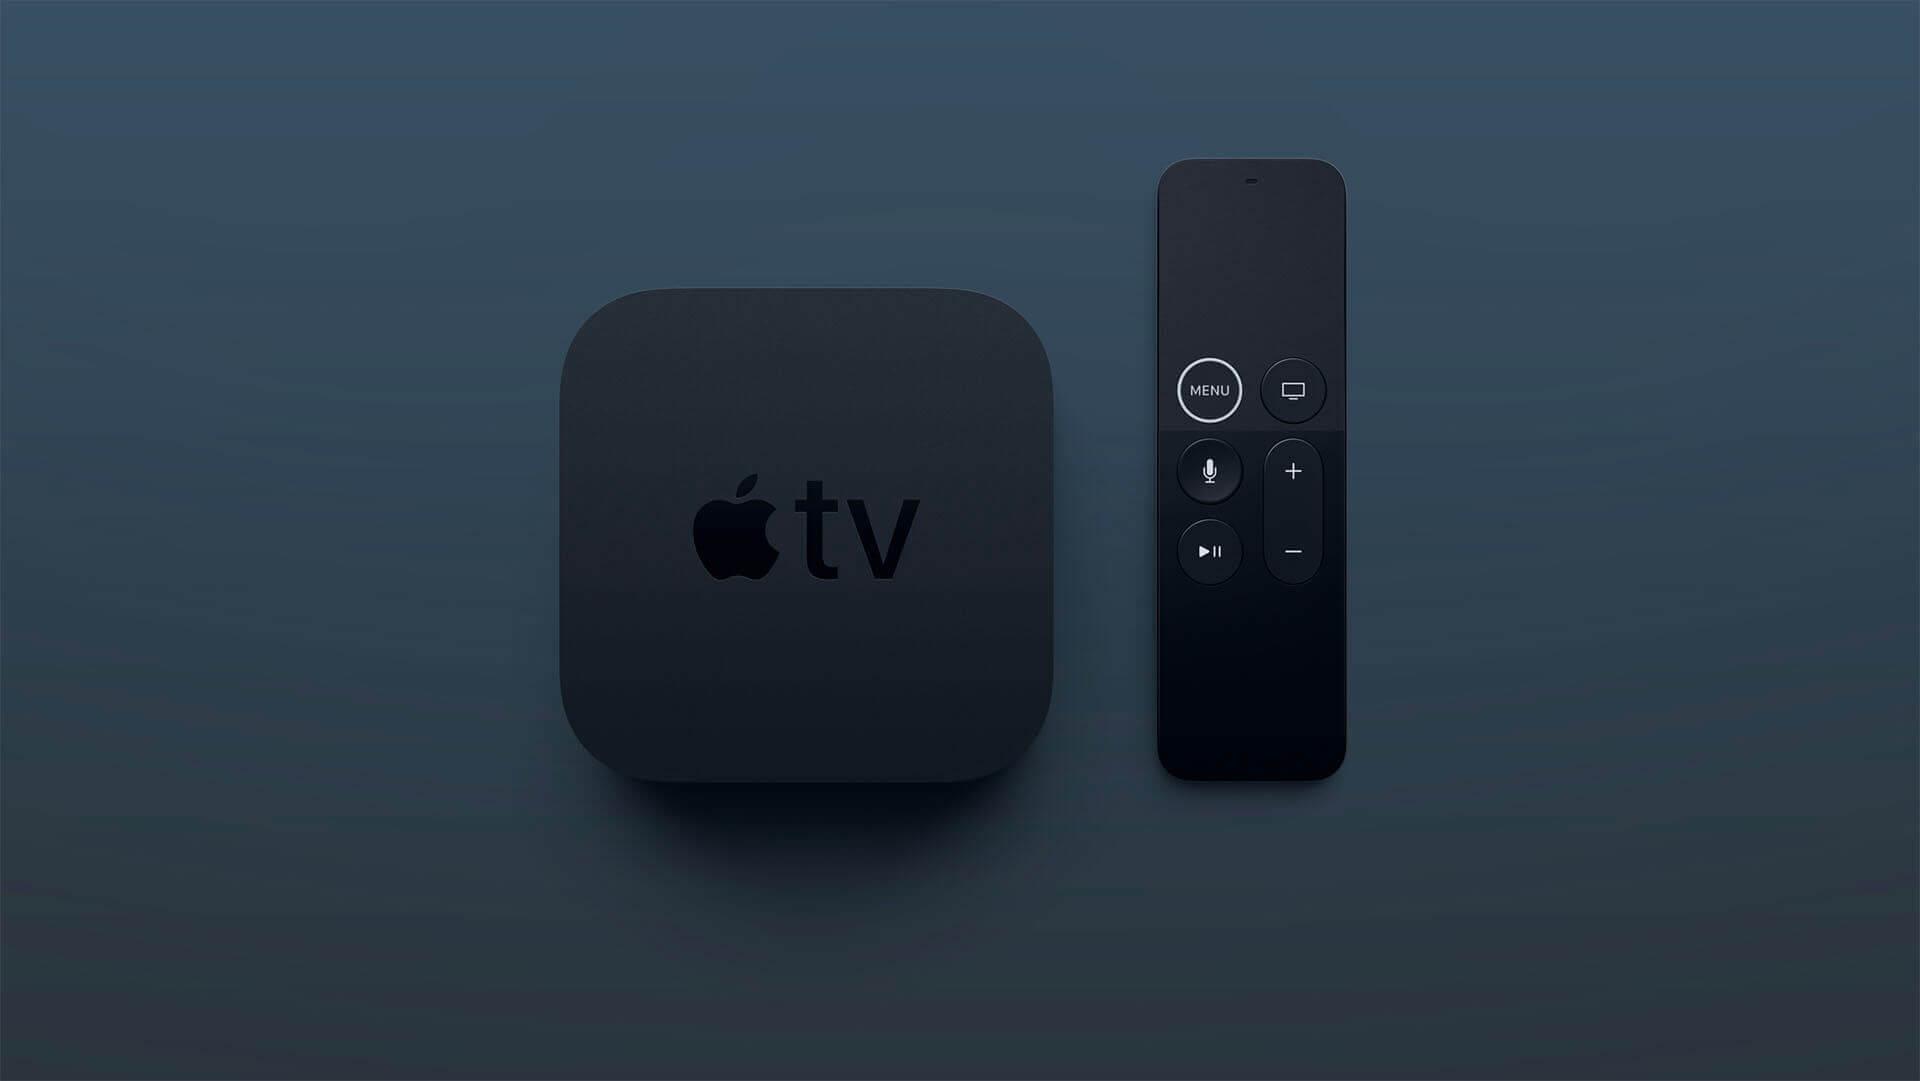 Топовая версия Apple TV с поддержкой 4K оказалась в дефиците